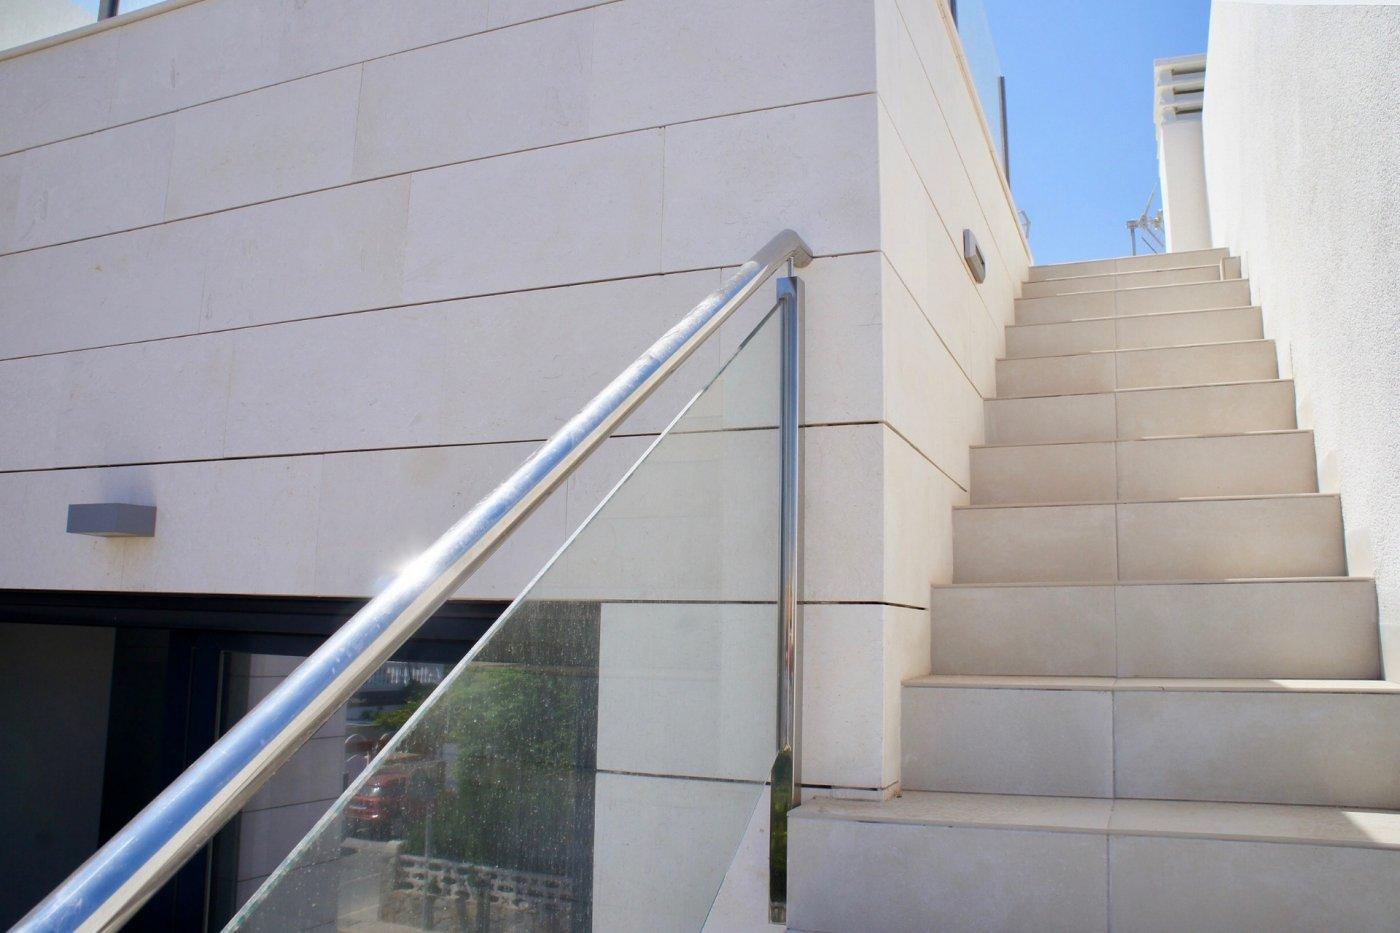 Gallery Image 19 of Nuevo apartamento listo en la planta superior de 2 dormitorios a solo 2 minutos a pie de las playas,